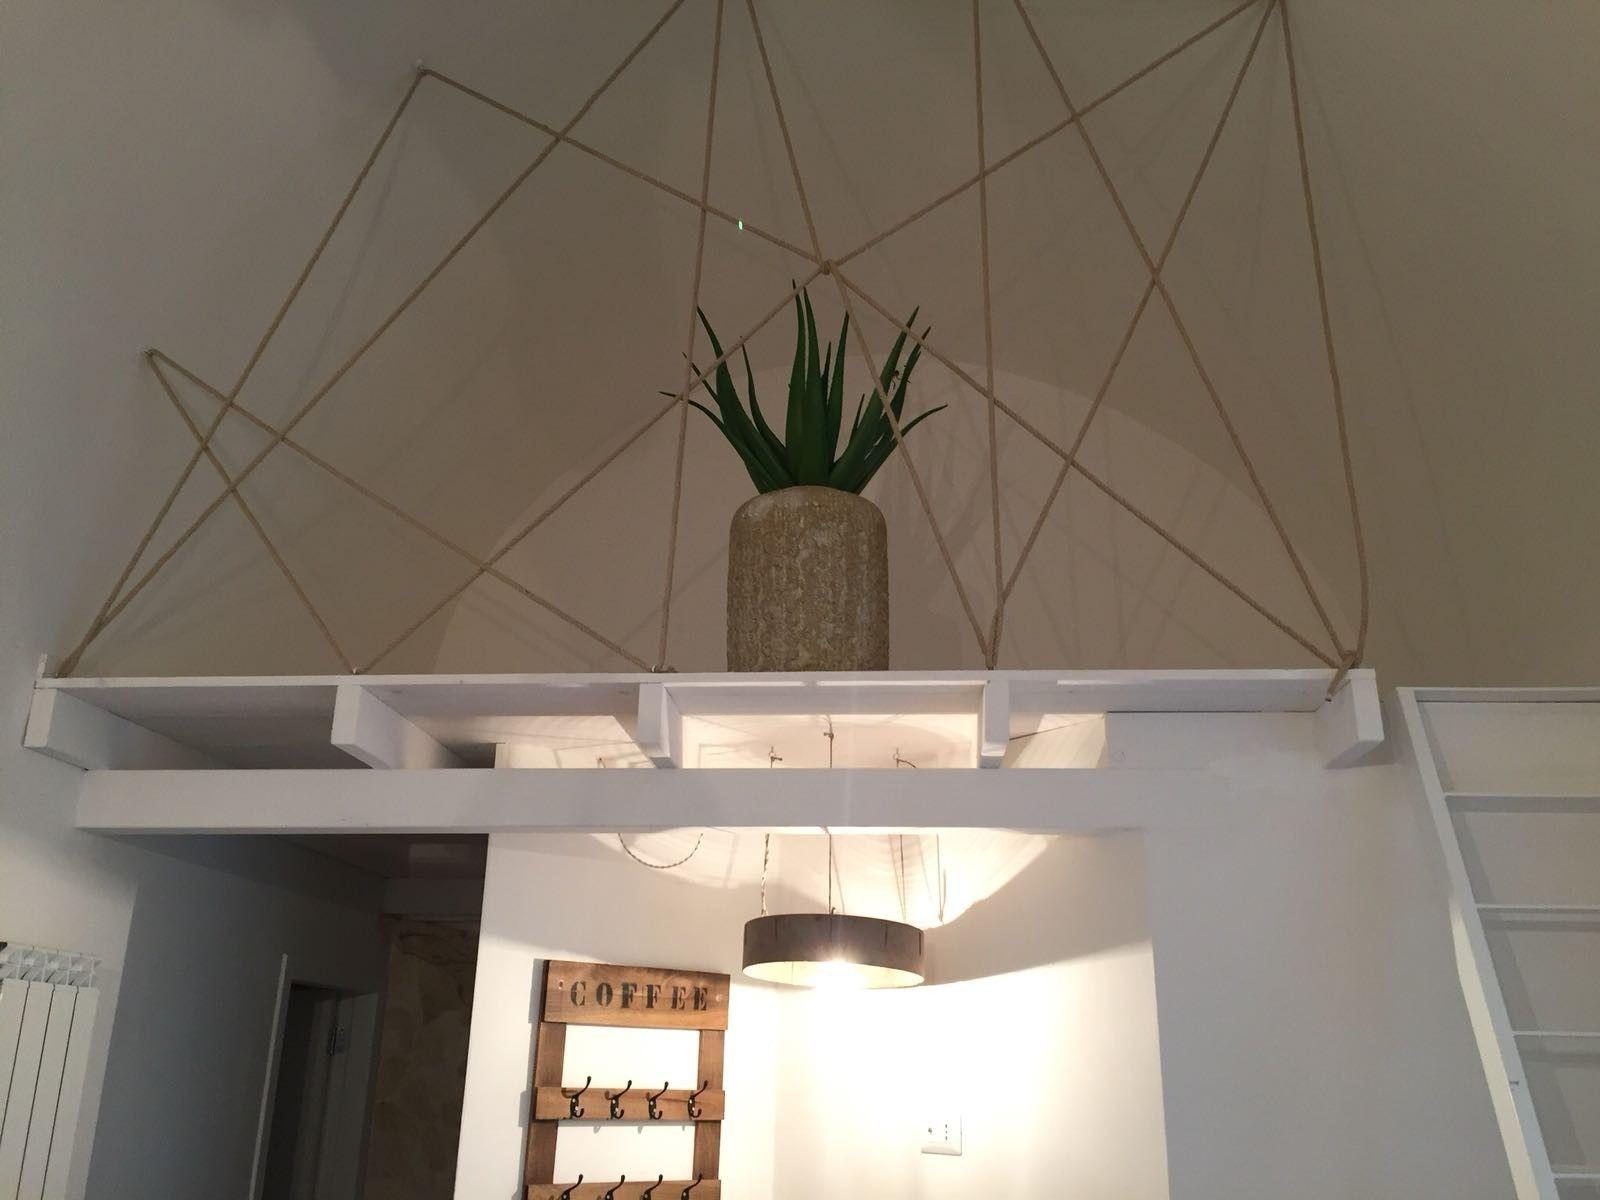 Best idee per decorare casa design in puglia with idee per abbellire casa - Idee casa unica ...